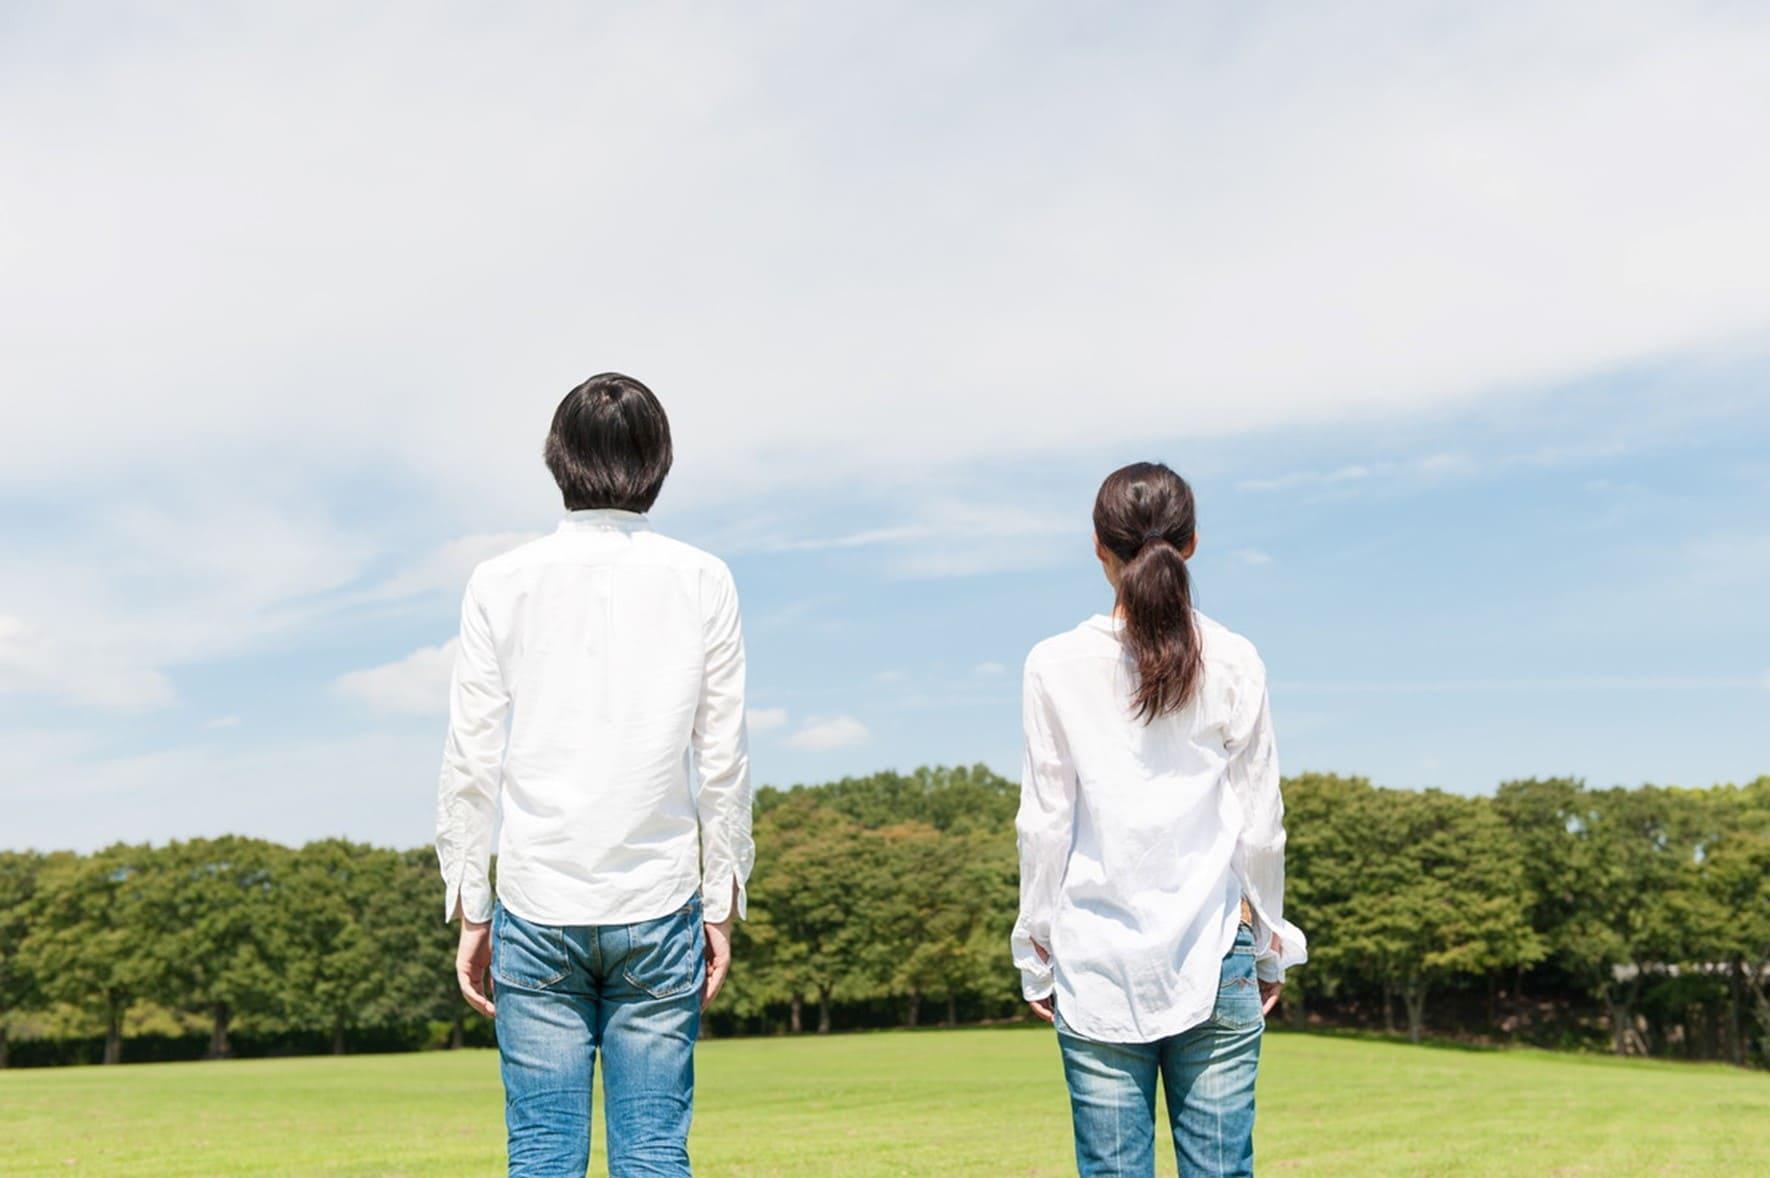 「結婚したくない」人が増えている…その理由と背景とは?